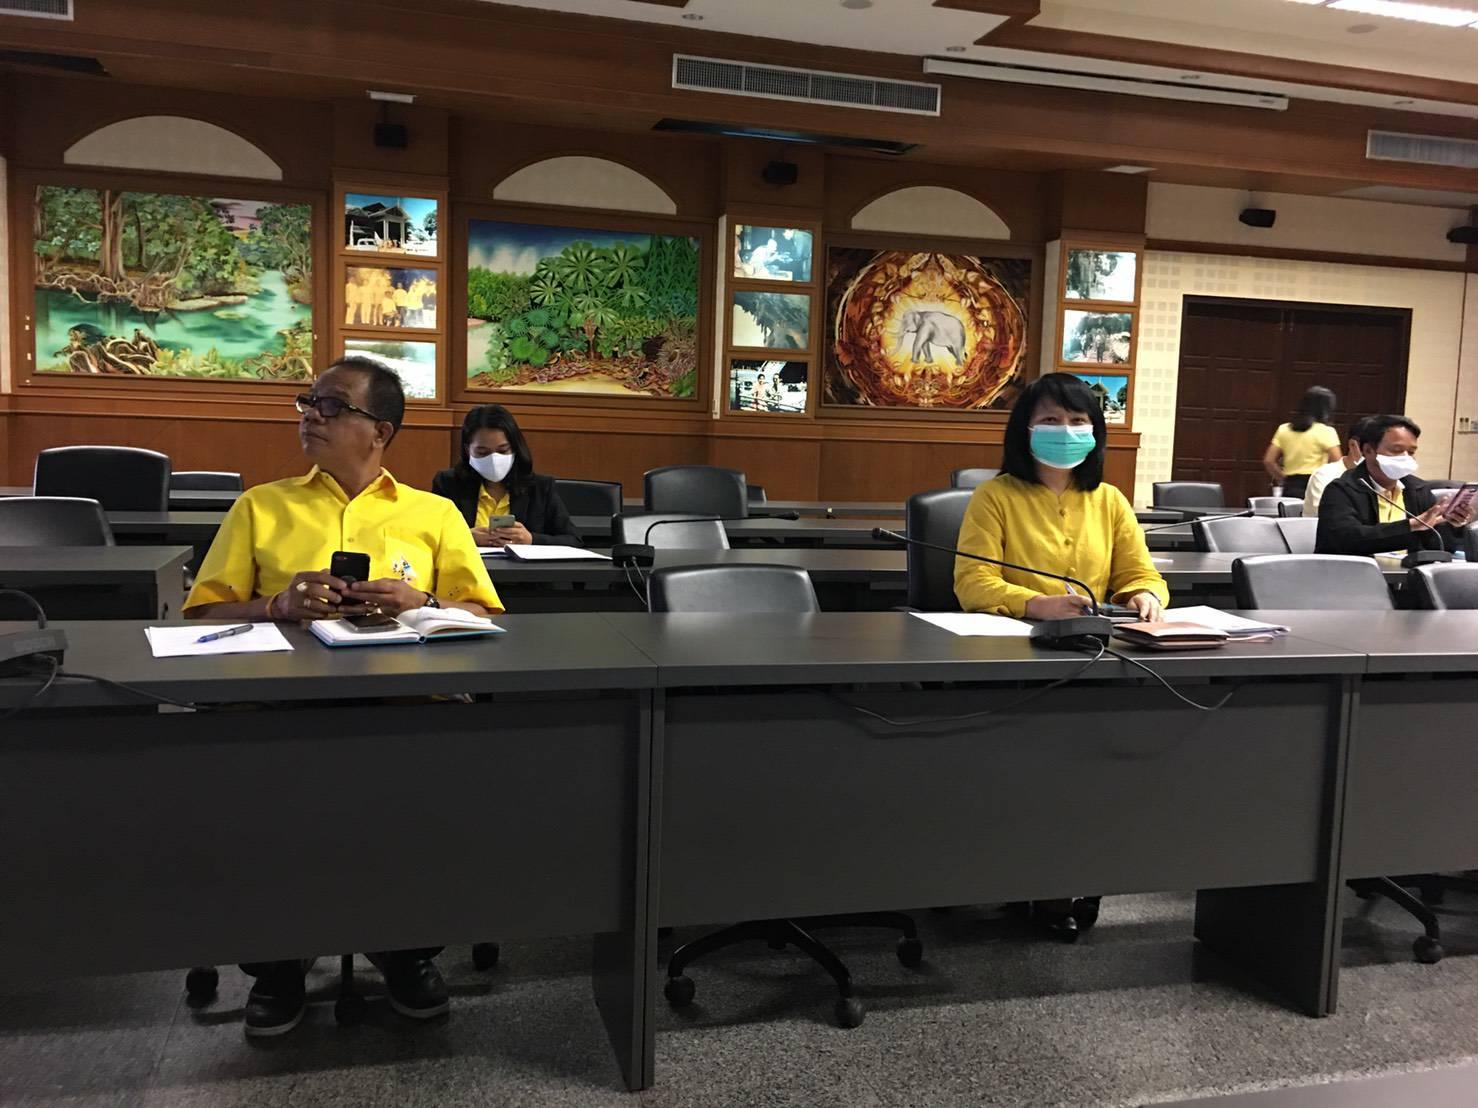 ร่วมประชุมคณะทำงานการจัดระเบียบ เกาะพีพี ตำบลอ่าวนาง อำเภอเมือง จังหวัดกระบี่